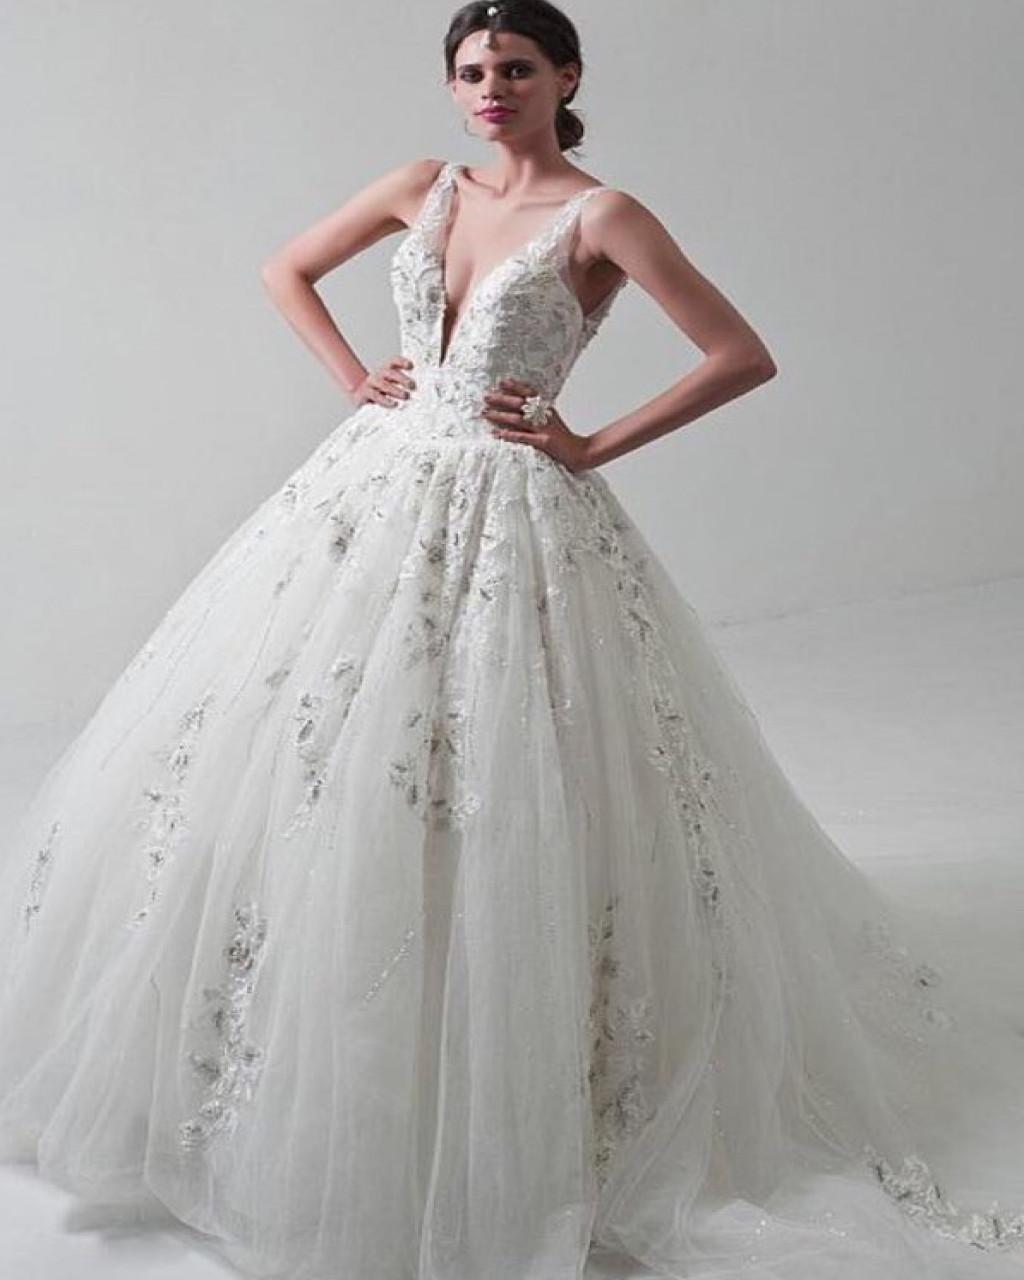 Venta de vestidos novia usados de varios modelos en Chile | Mi Vestido